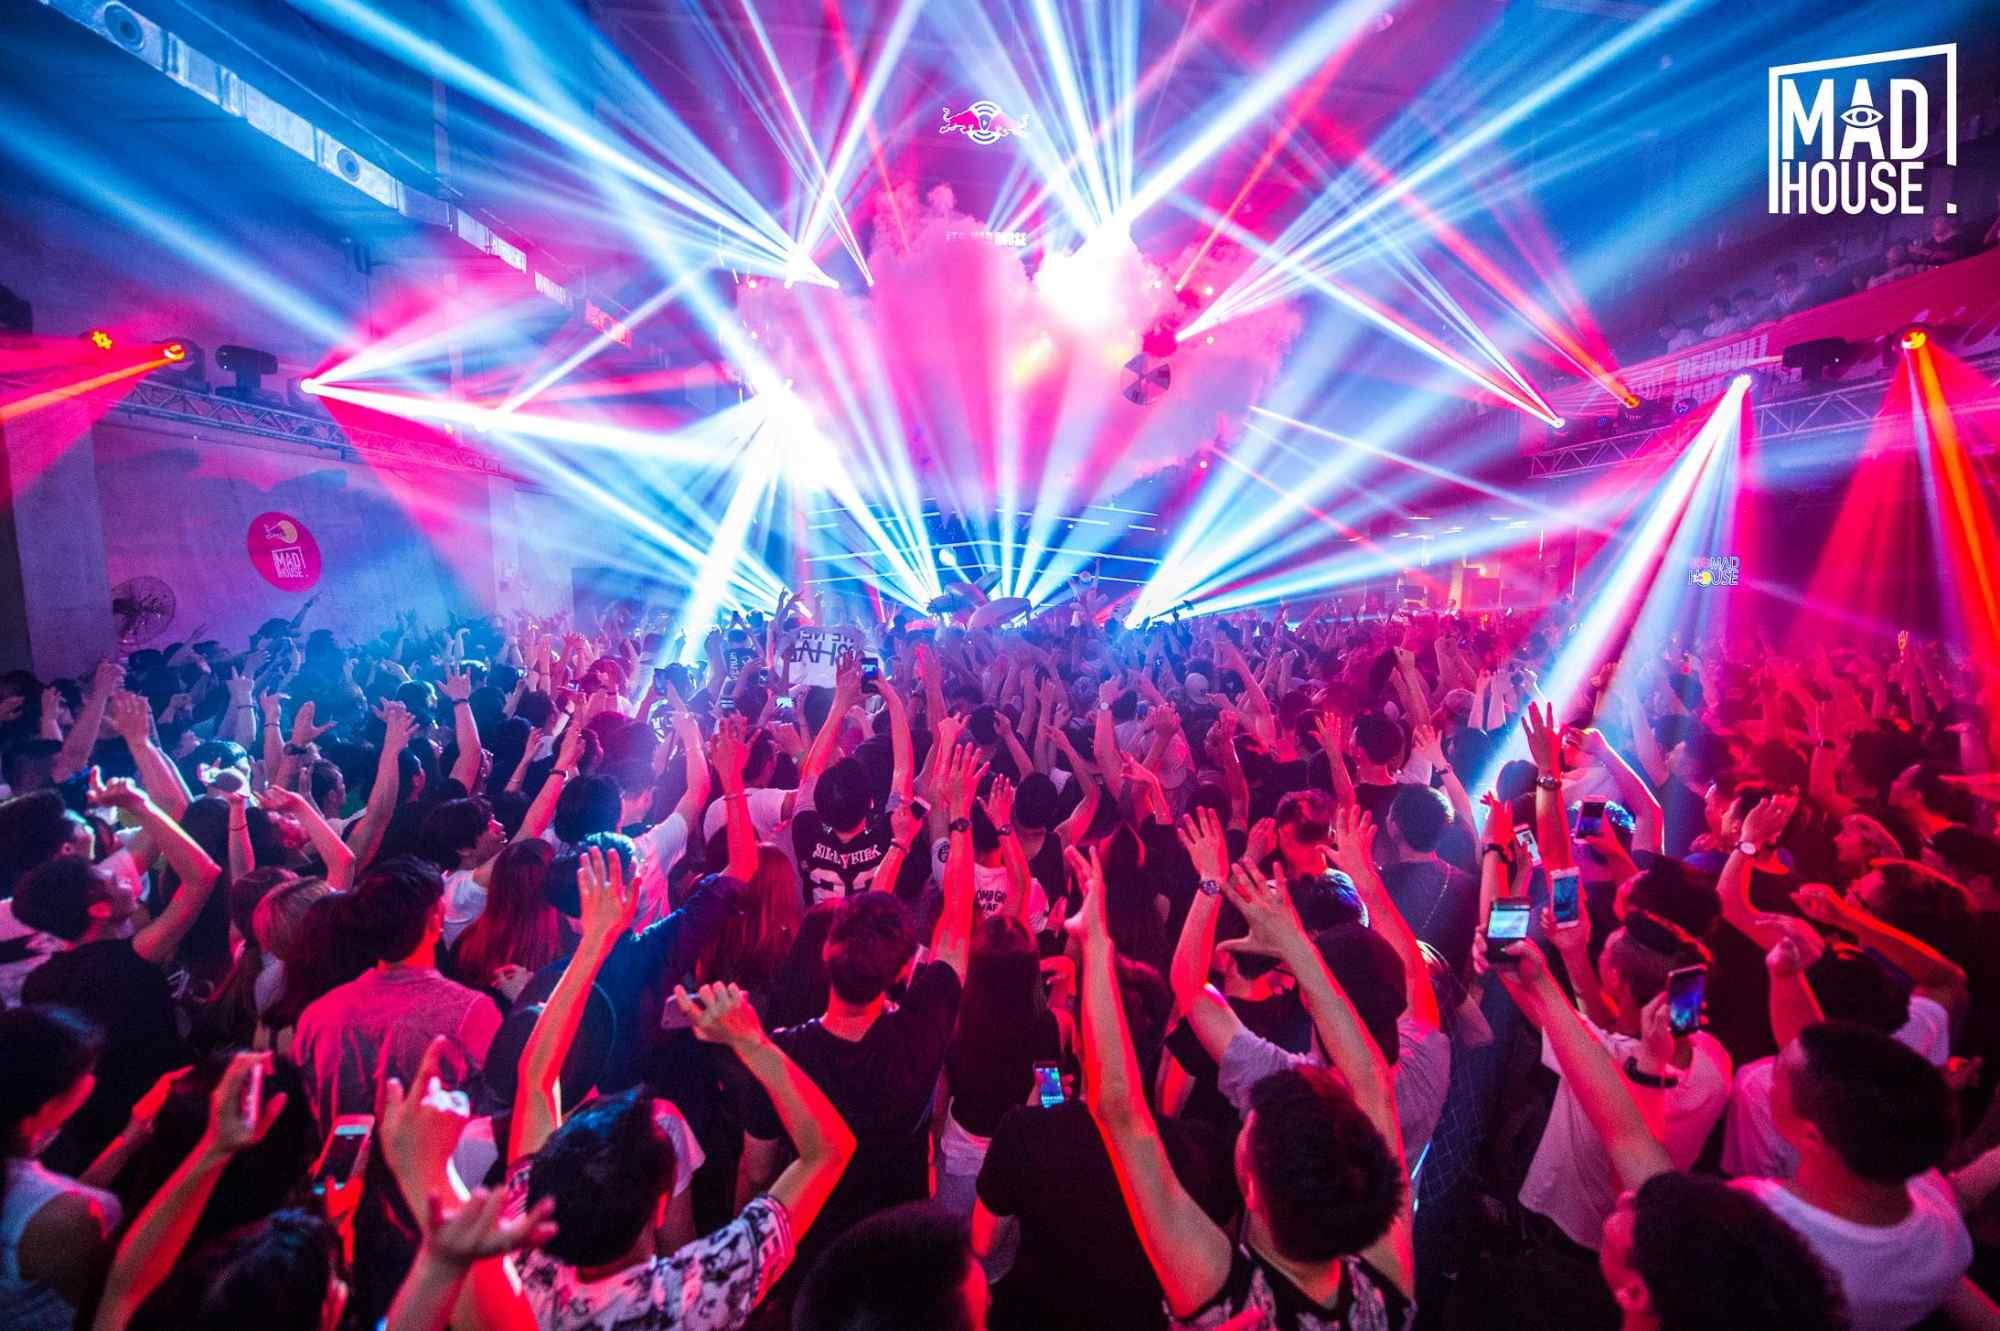 深圳市丛林文化传播有限公司依靠科技创新,不断为客户提供优质的电子音乐派对产品和服务。并且,丛林文化积极导入卓越绩效模式,坚持以质量创品牌。 摩登音乐节创办于2007年,是国内最具历史、最具国际影响力、最专业的音乐节品牌之一。自创办之日起,摩登音乐节即秉承不断探索与创新的原则,力图将摩登音乐节打造成为国内最酷、最具艺术气质、最具音乐品质的音乐节品牌。七年前,摩登音乐节的横空出世,改变了中国音乐行业的格局,今天,我们依然要做这样的事情!